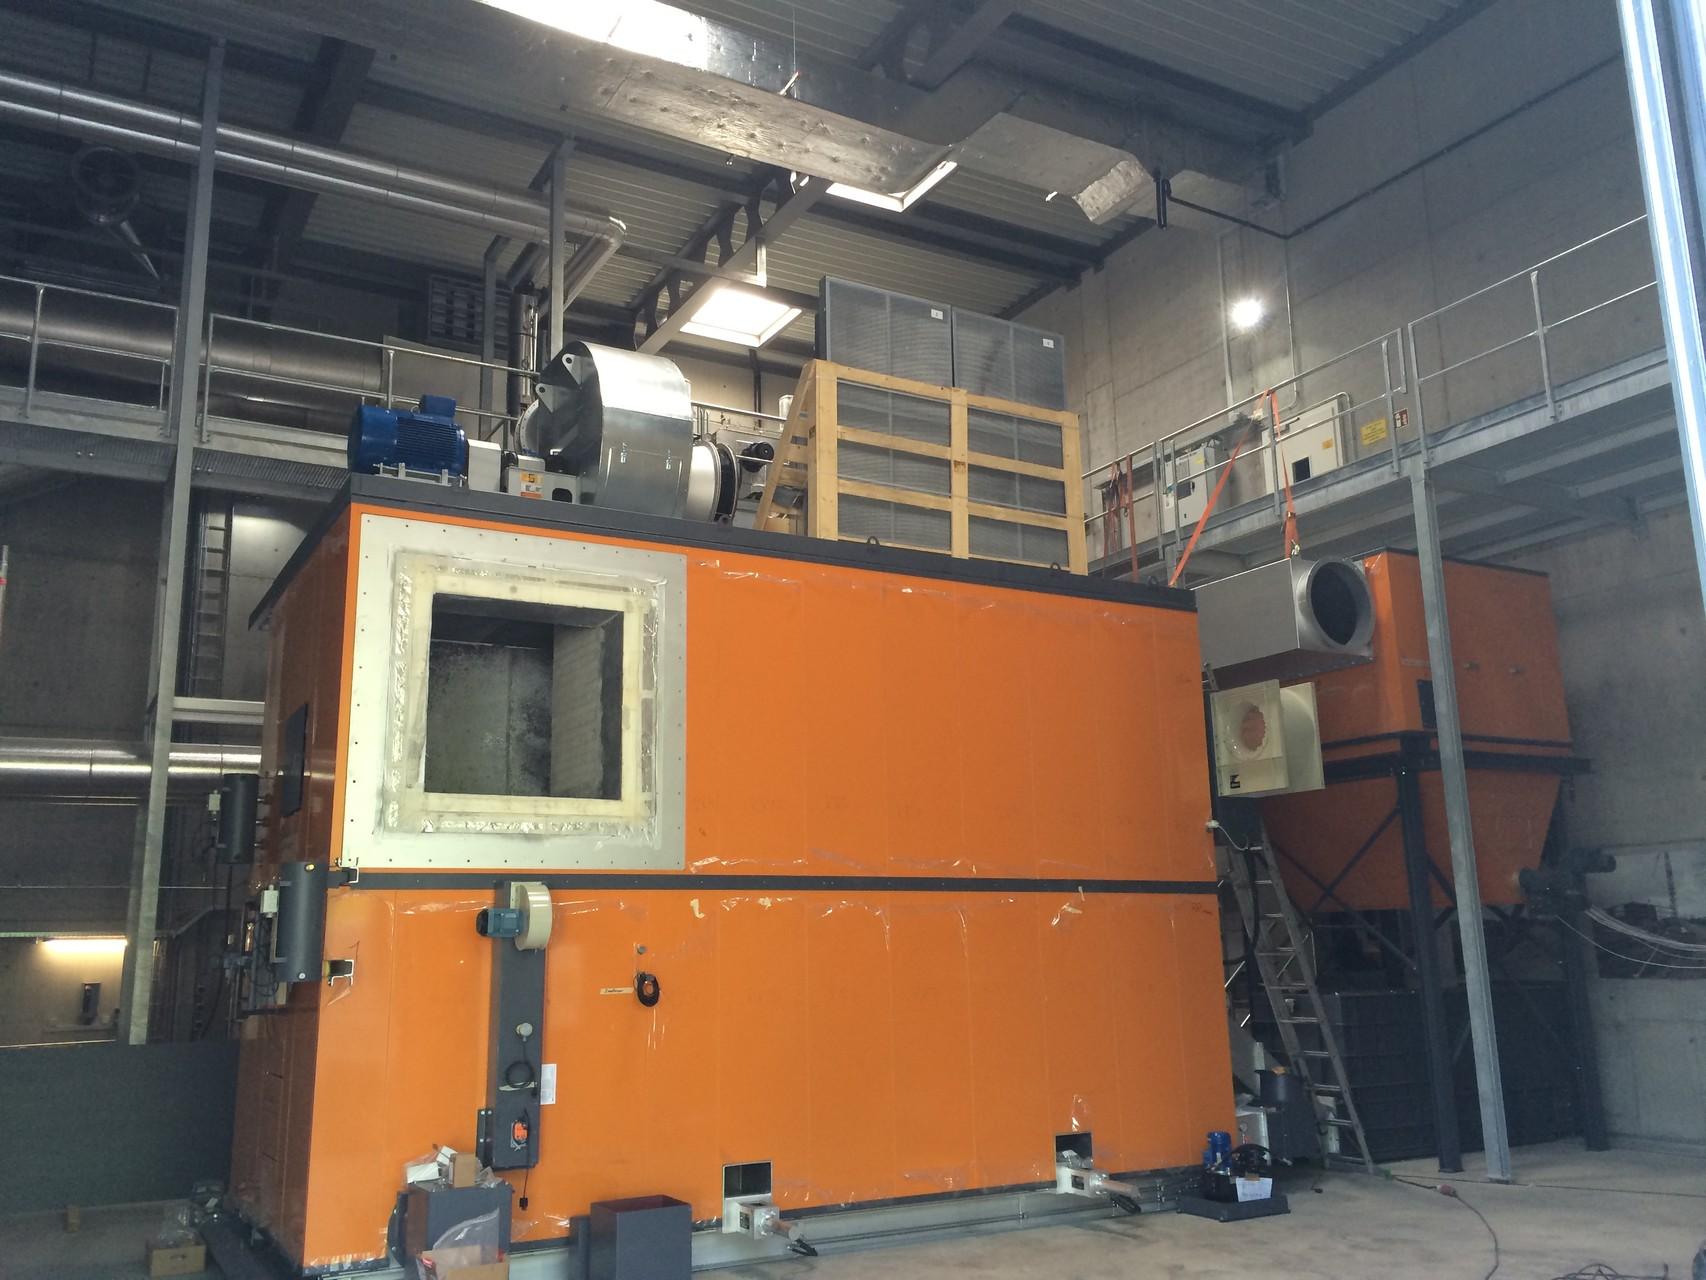 Fertig isolierte Brennkammer (4.200 kW) mit Öffnung für Heissgaskanal